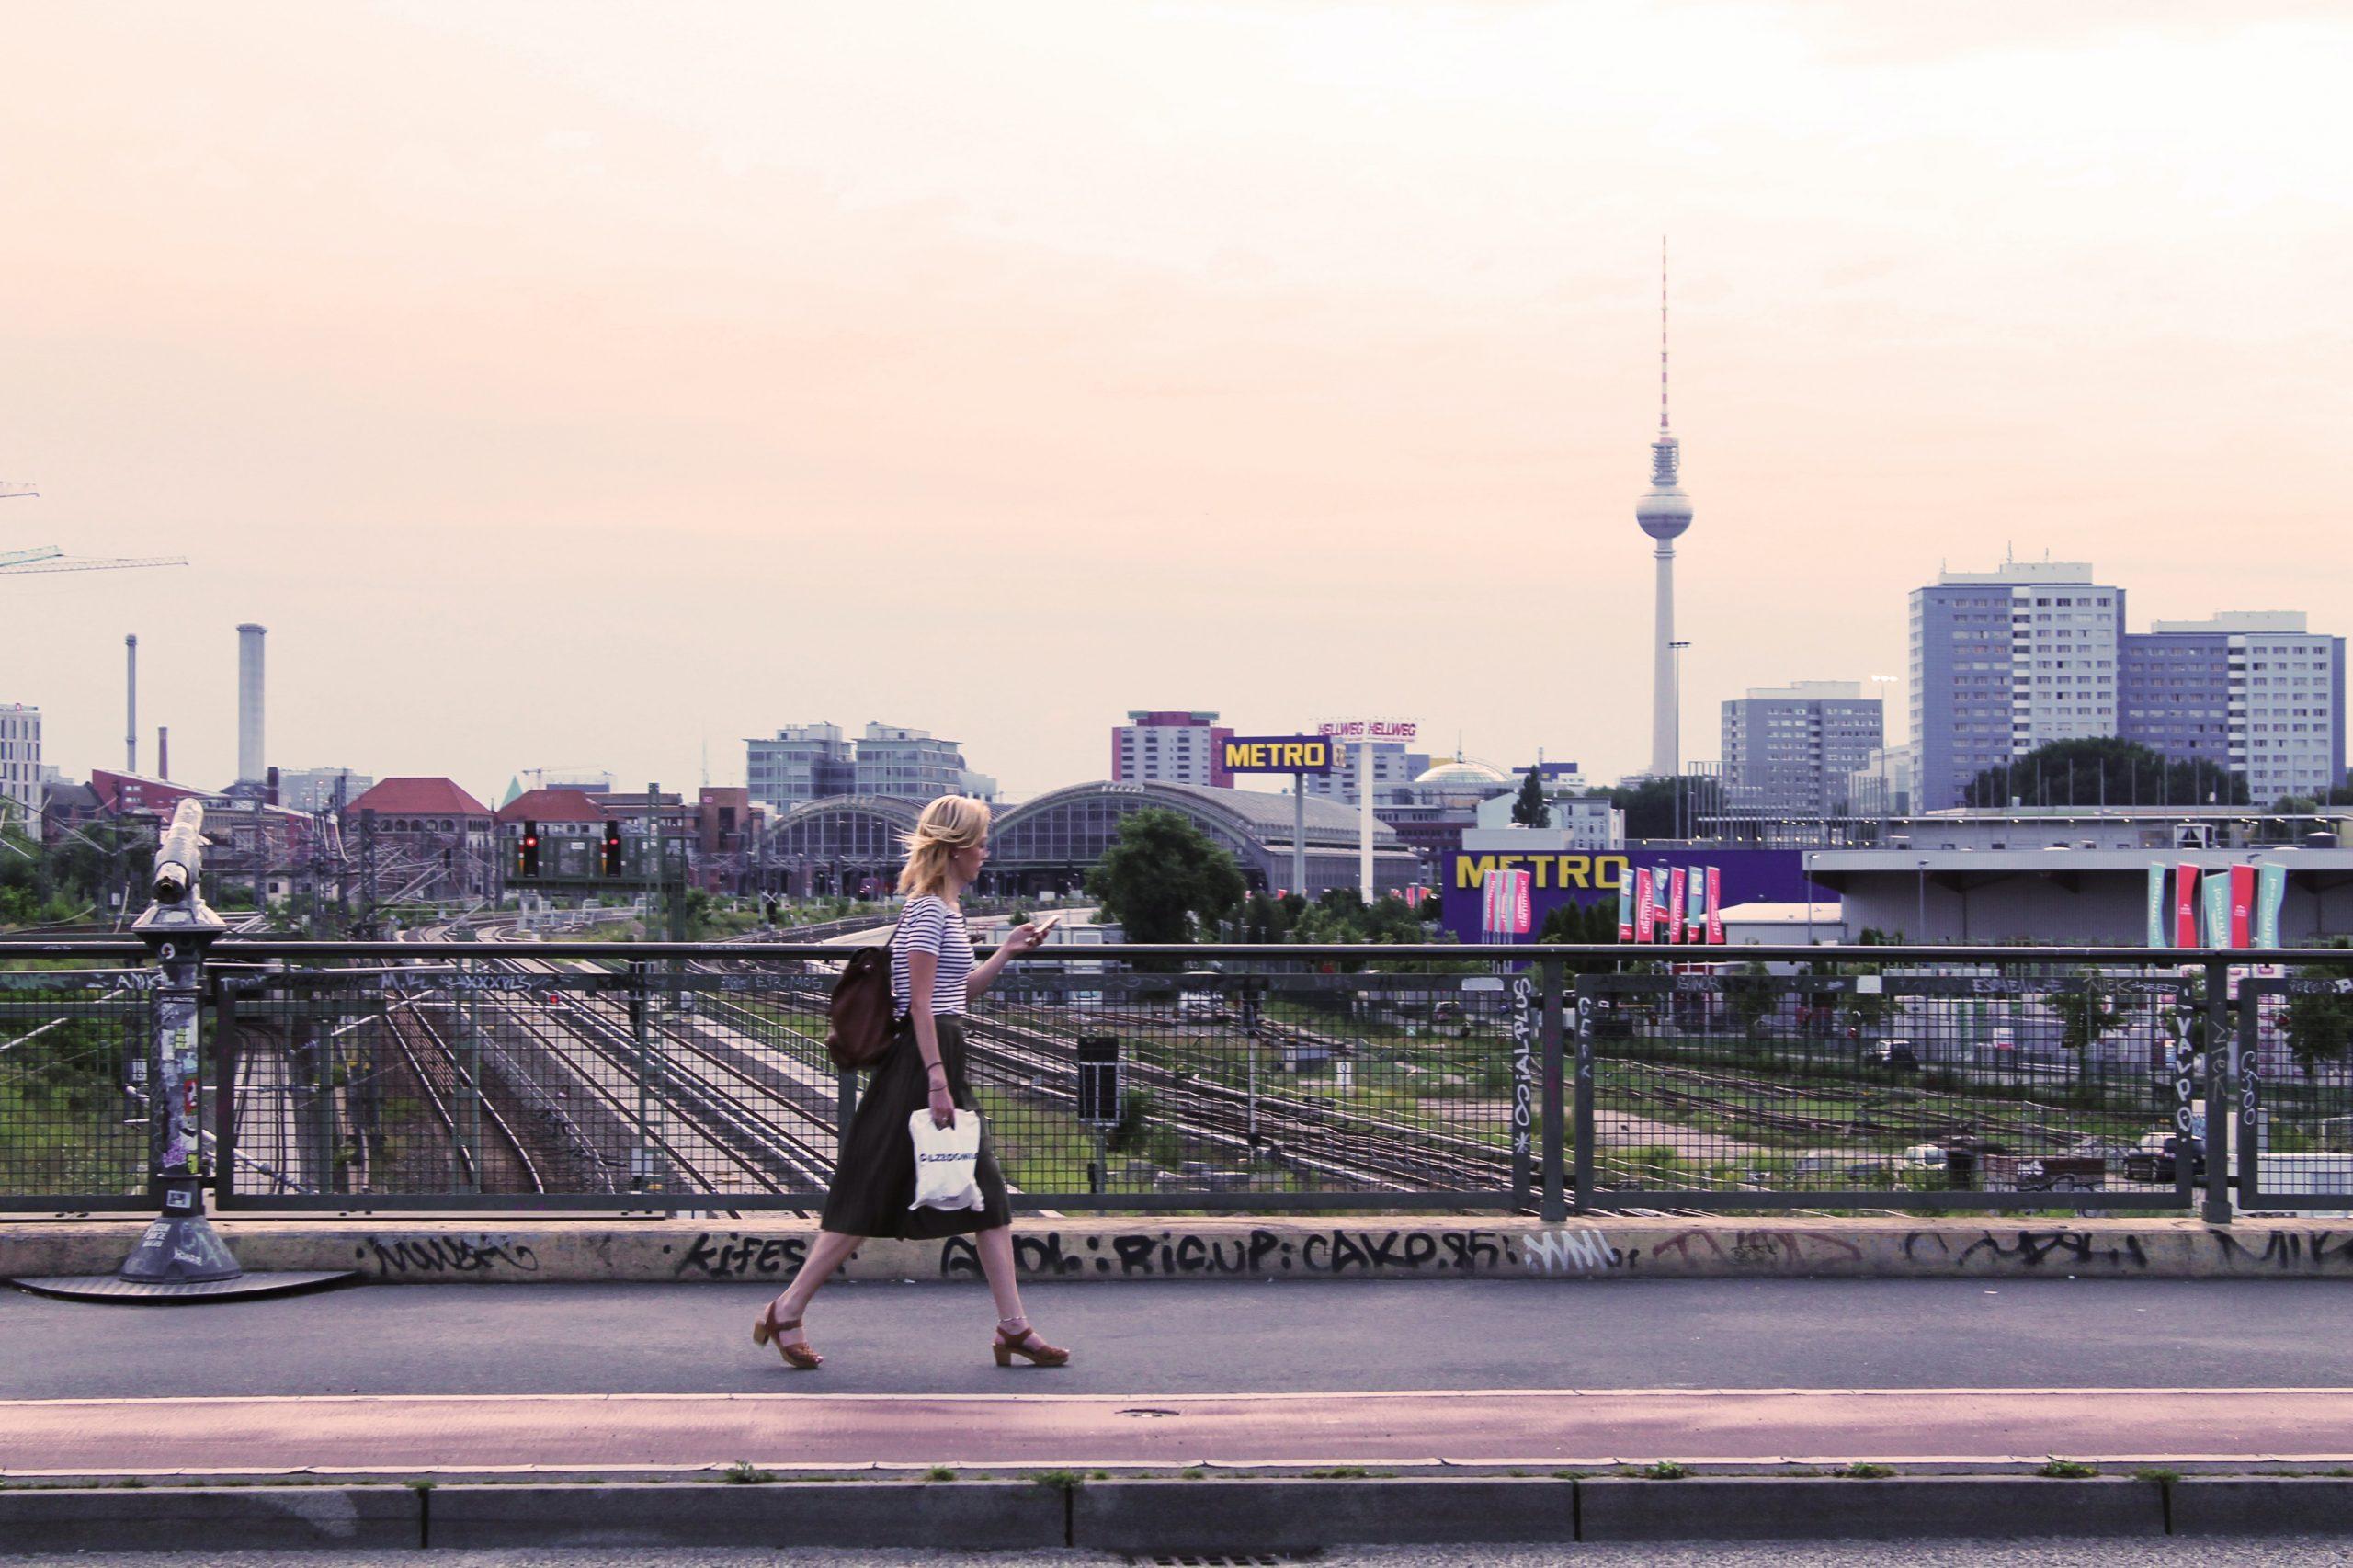 Berlin geolocalizacion